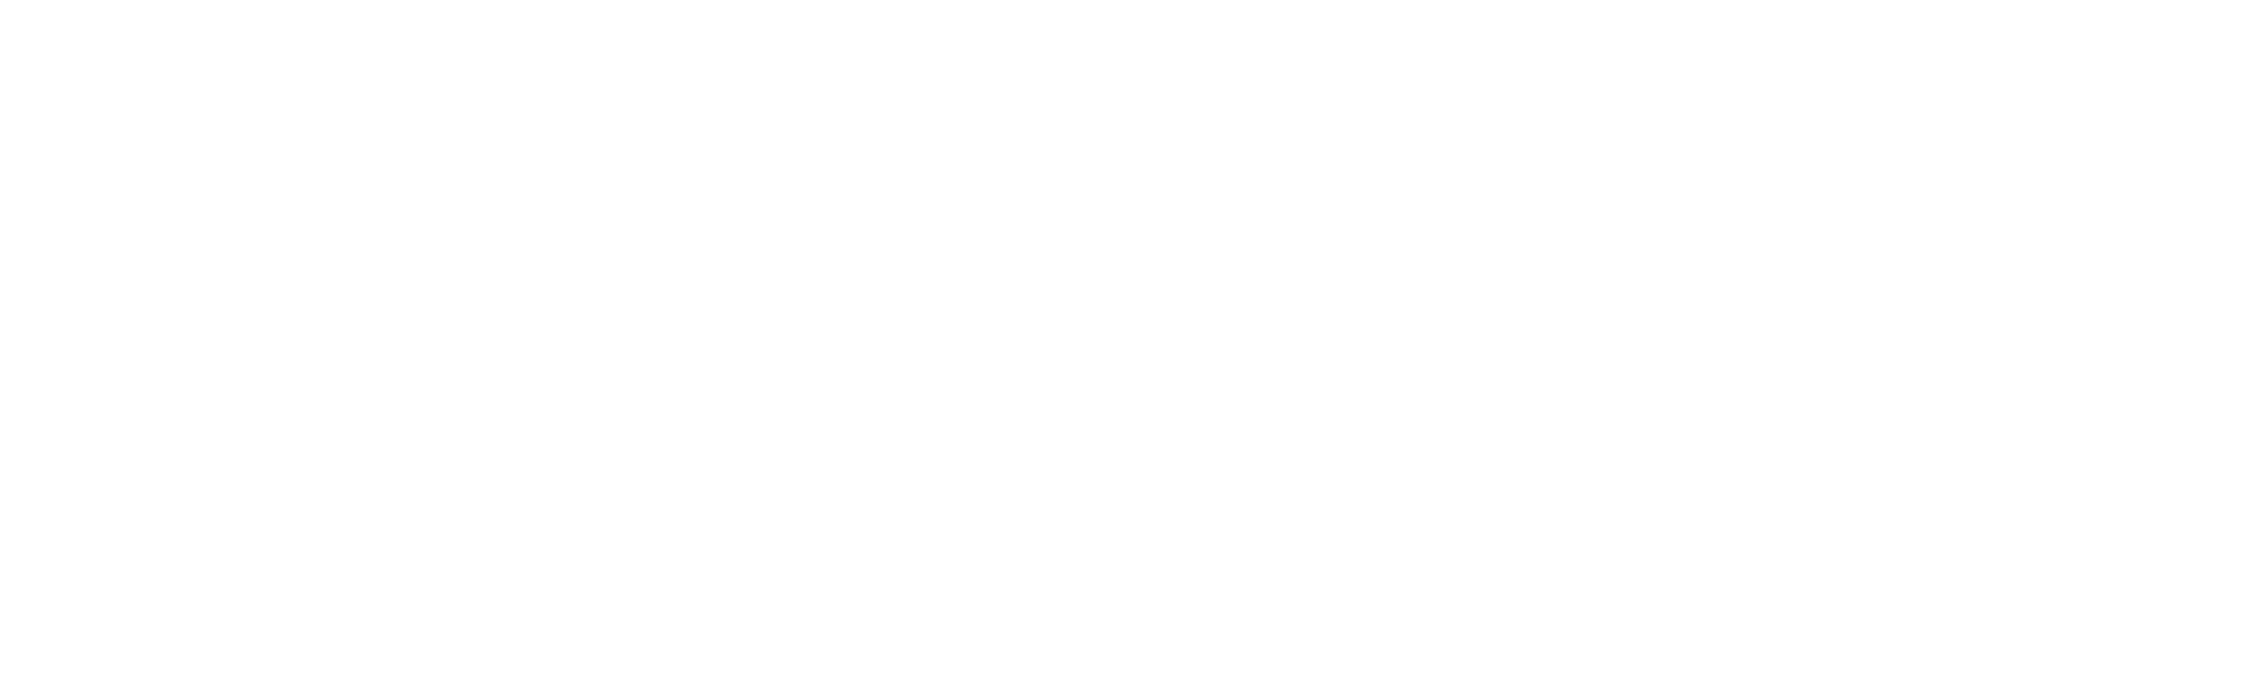 Hooked Up Marketplace